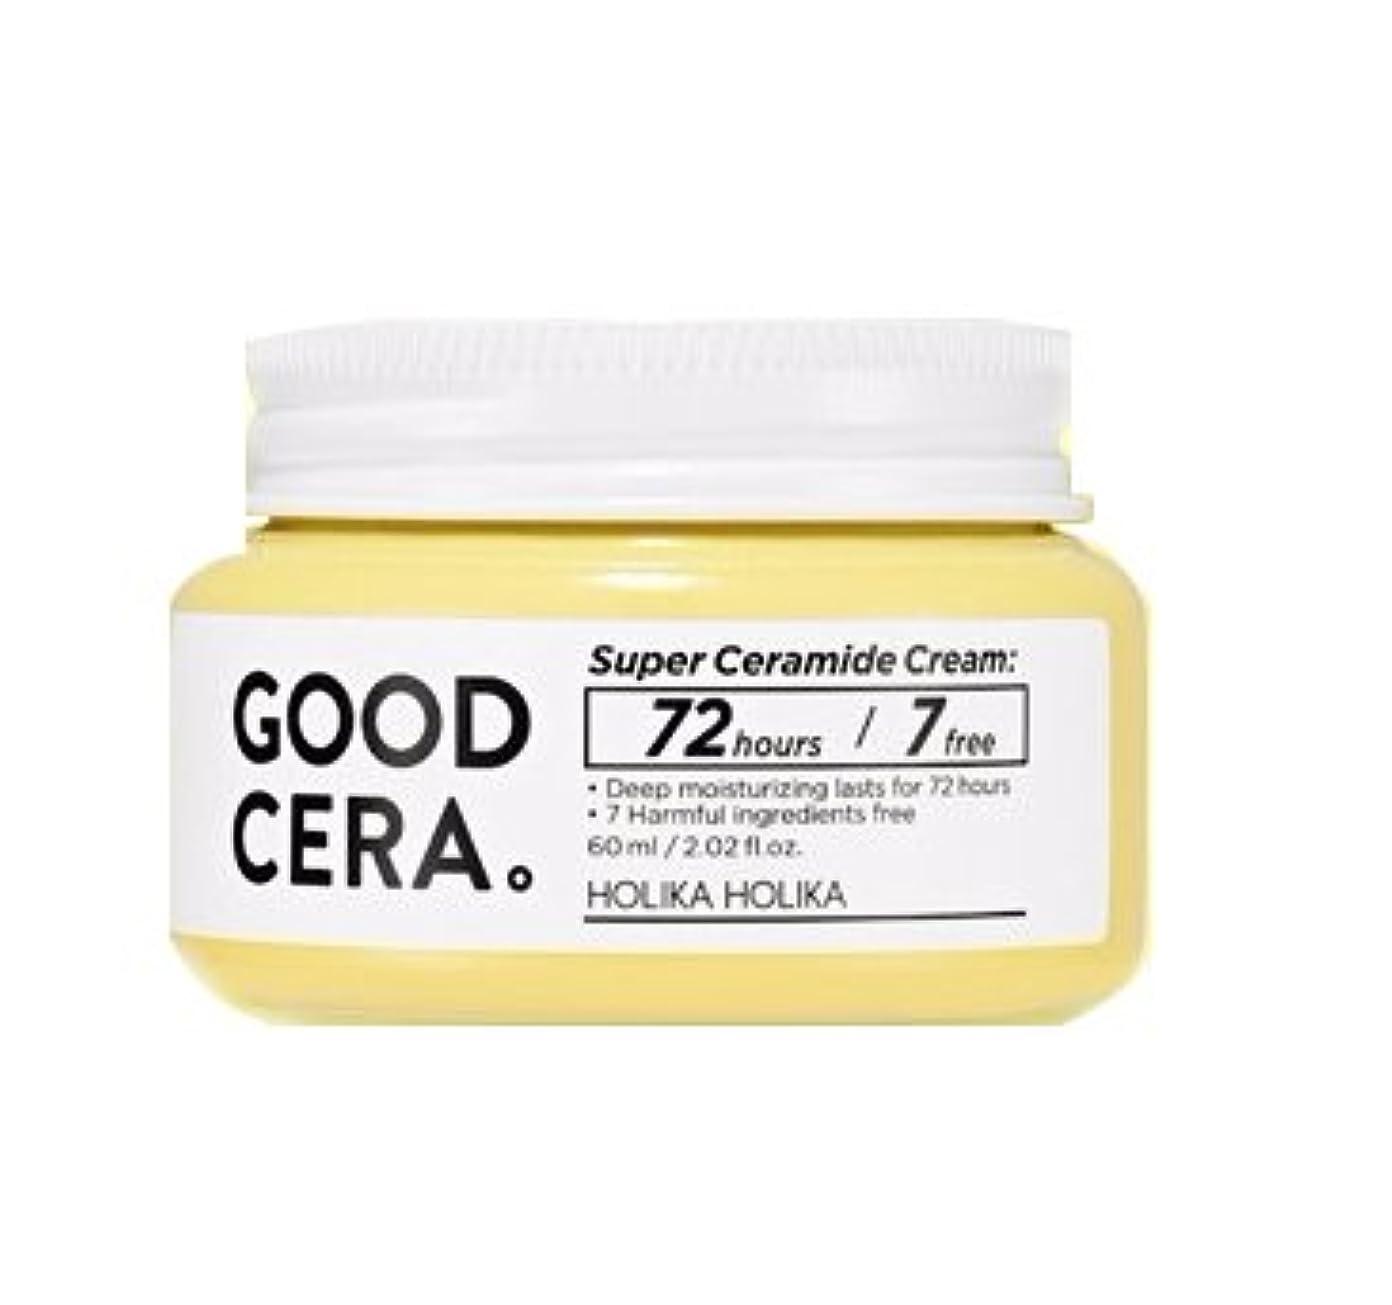 絶妙パッチ厳[NEW] ホリカホリカ スーパーセラミドクリーム 60ml / HOLIKA HOLIKA Super Ceramide Cream [並行輸入品]